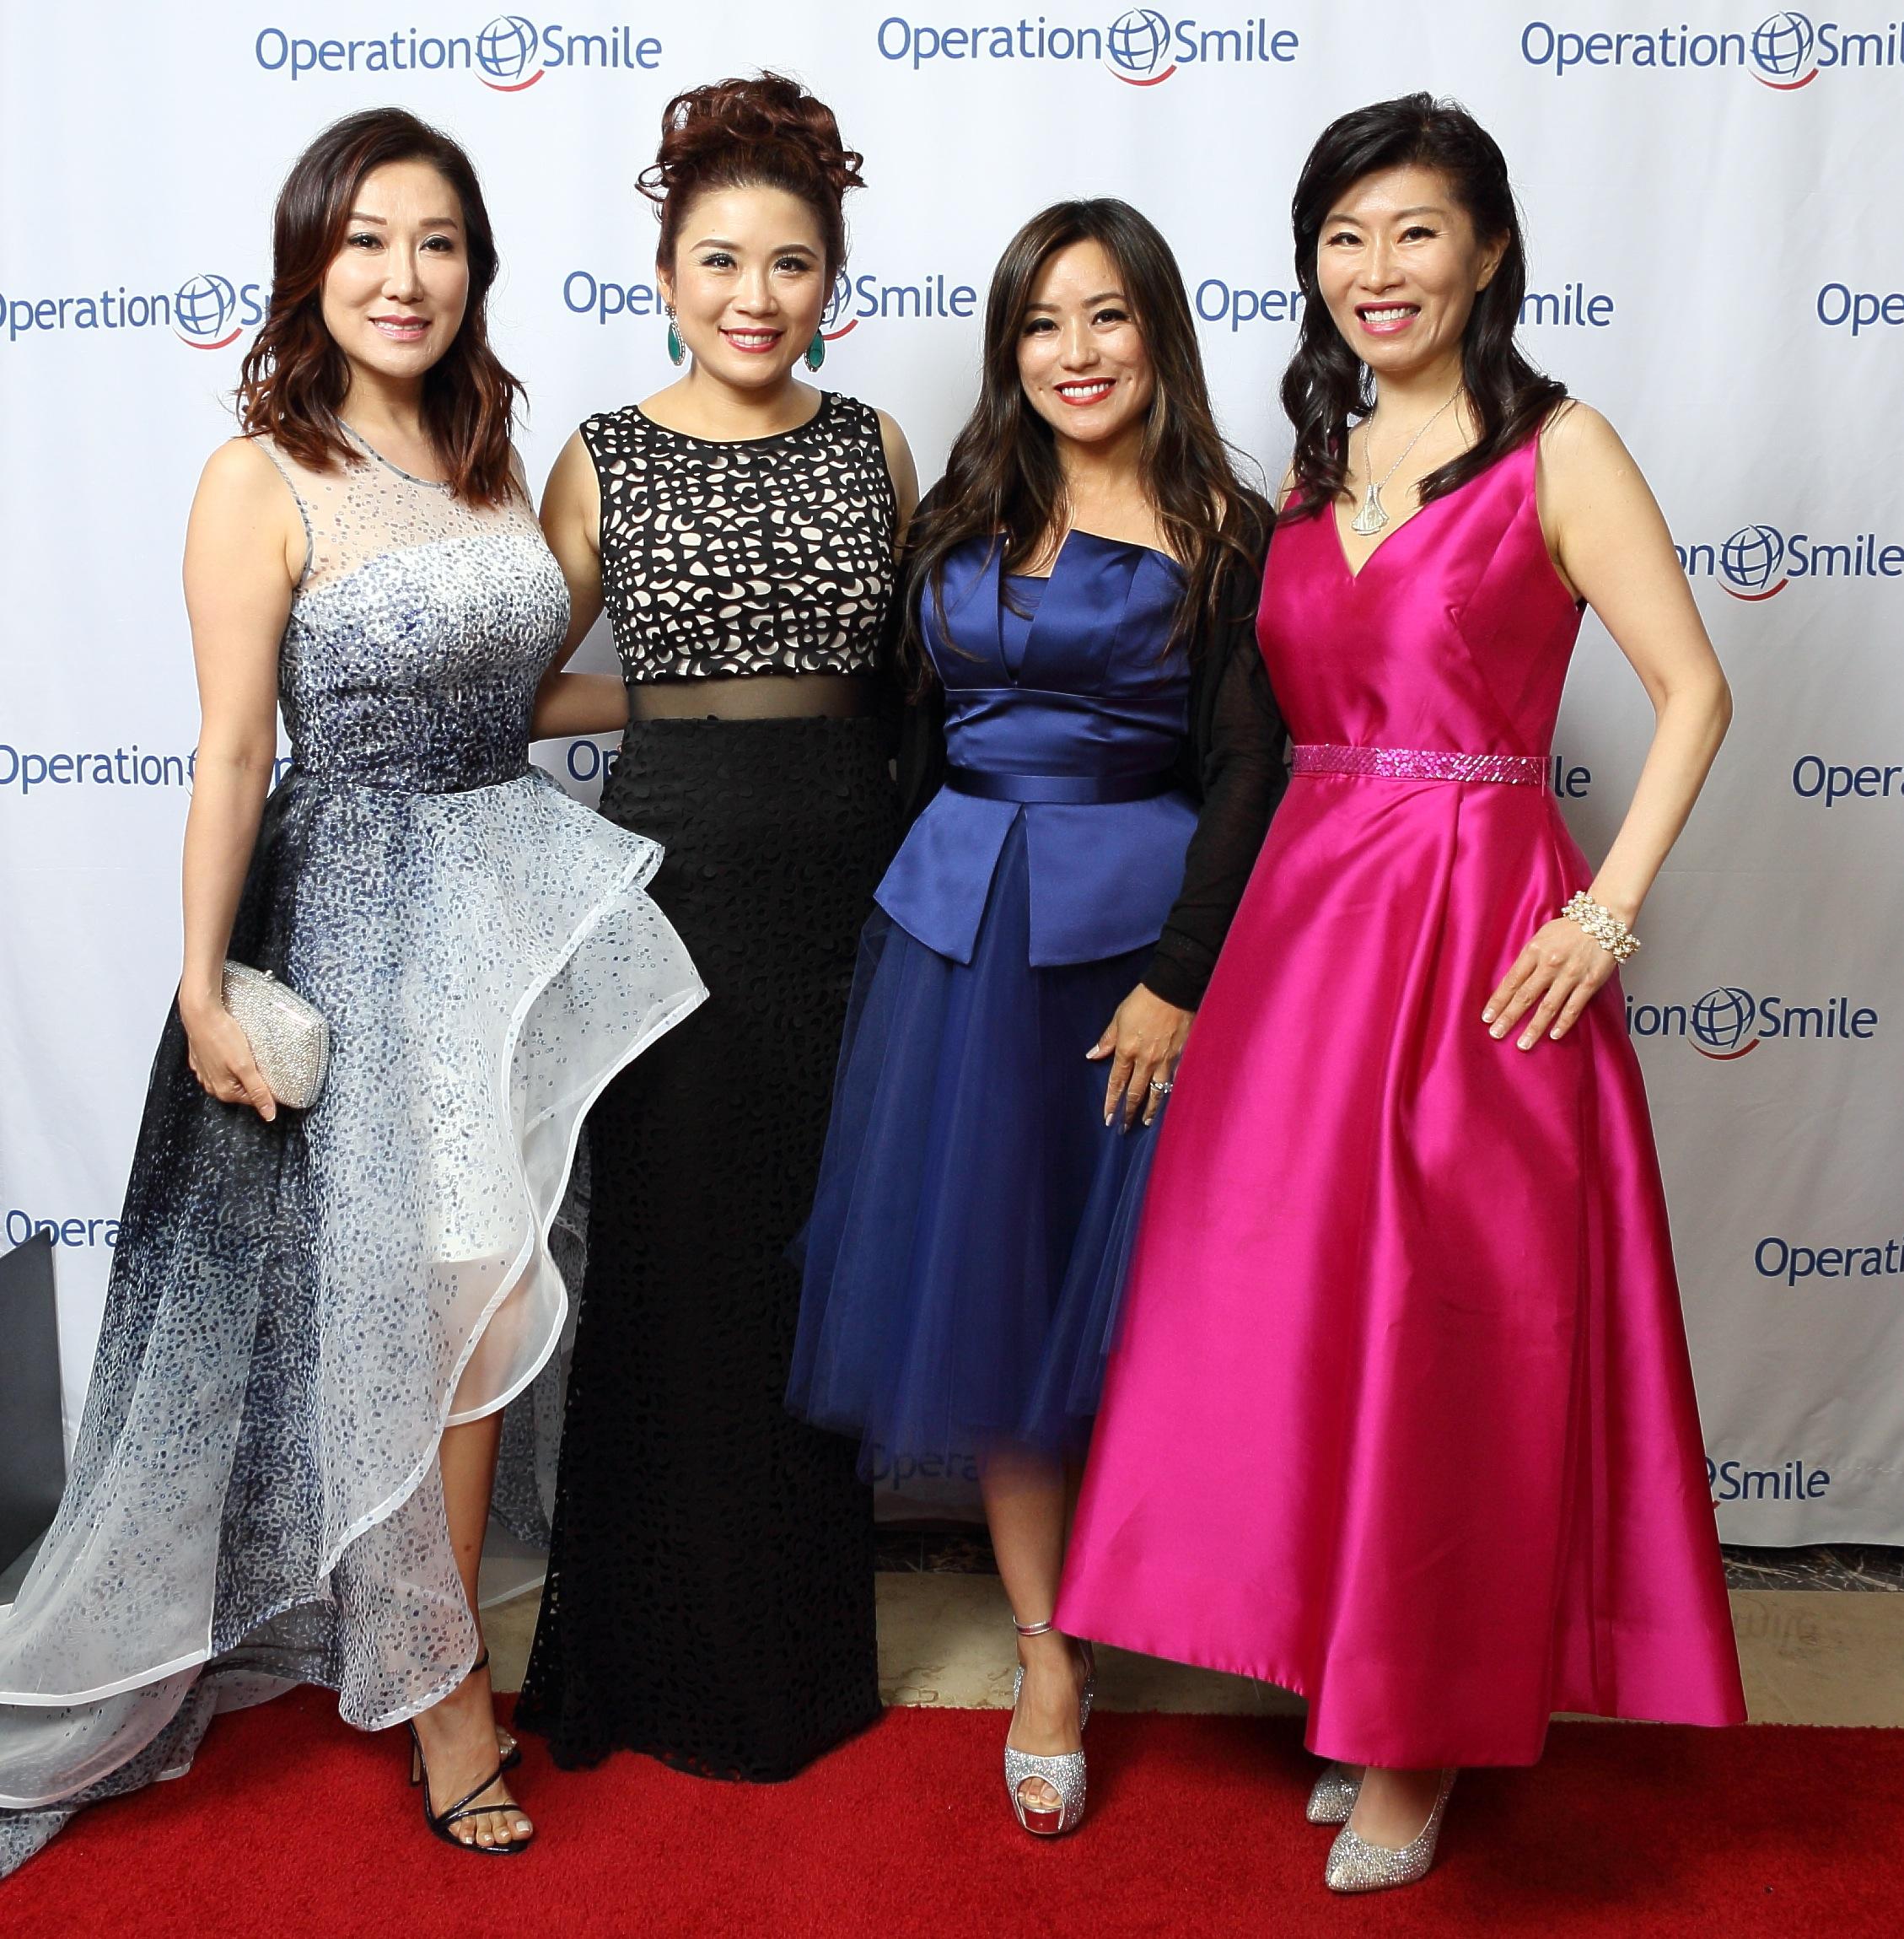 Mandy Kao, Christina Zhou, Gina Li, Amy Sung